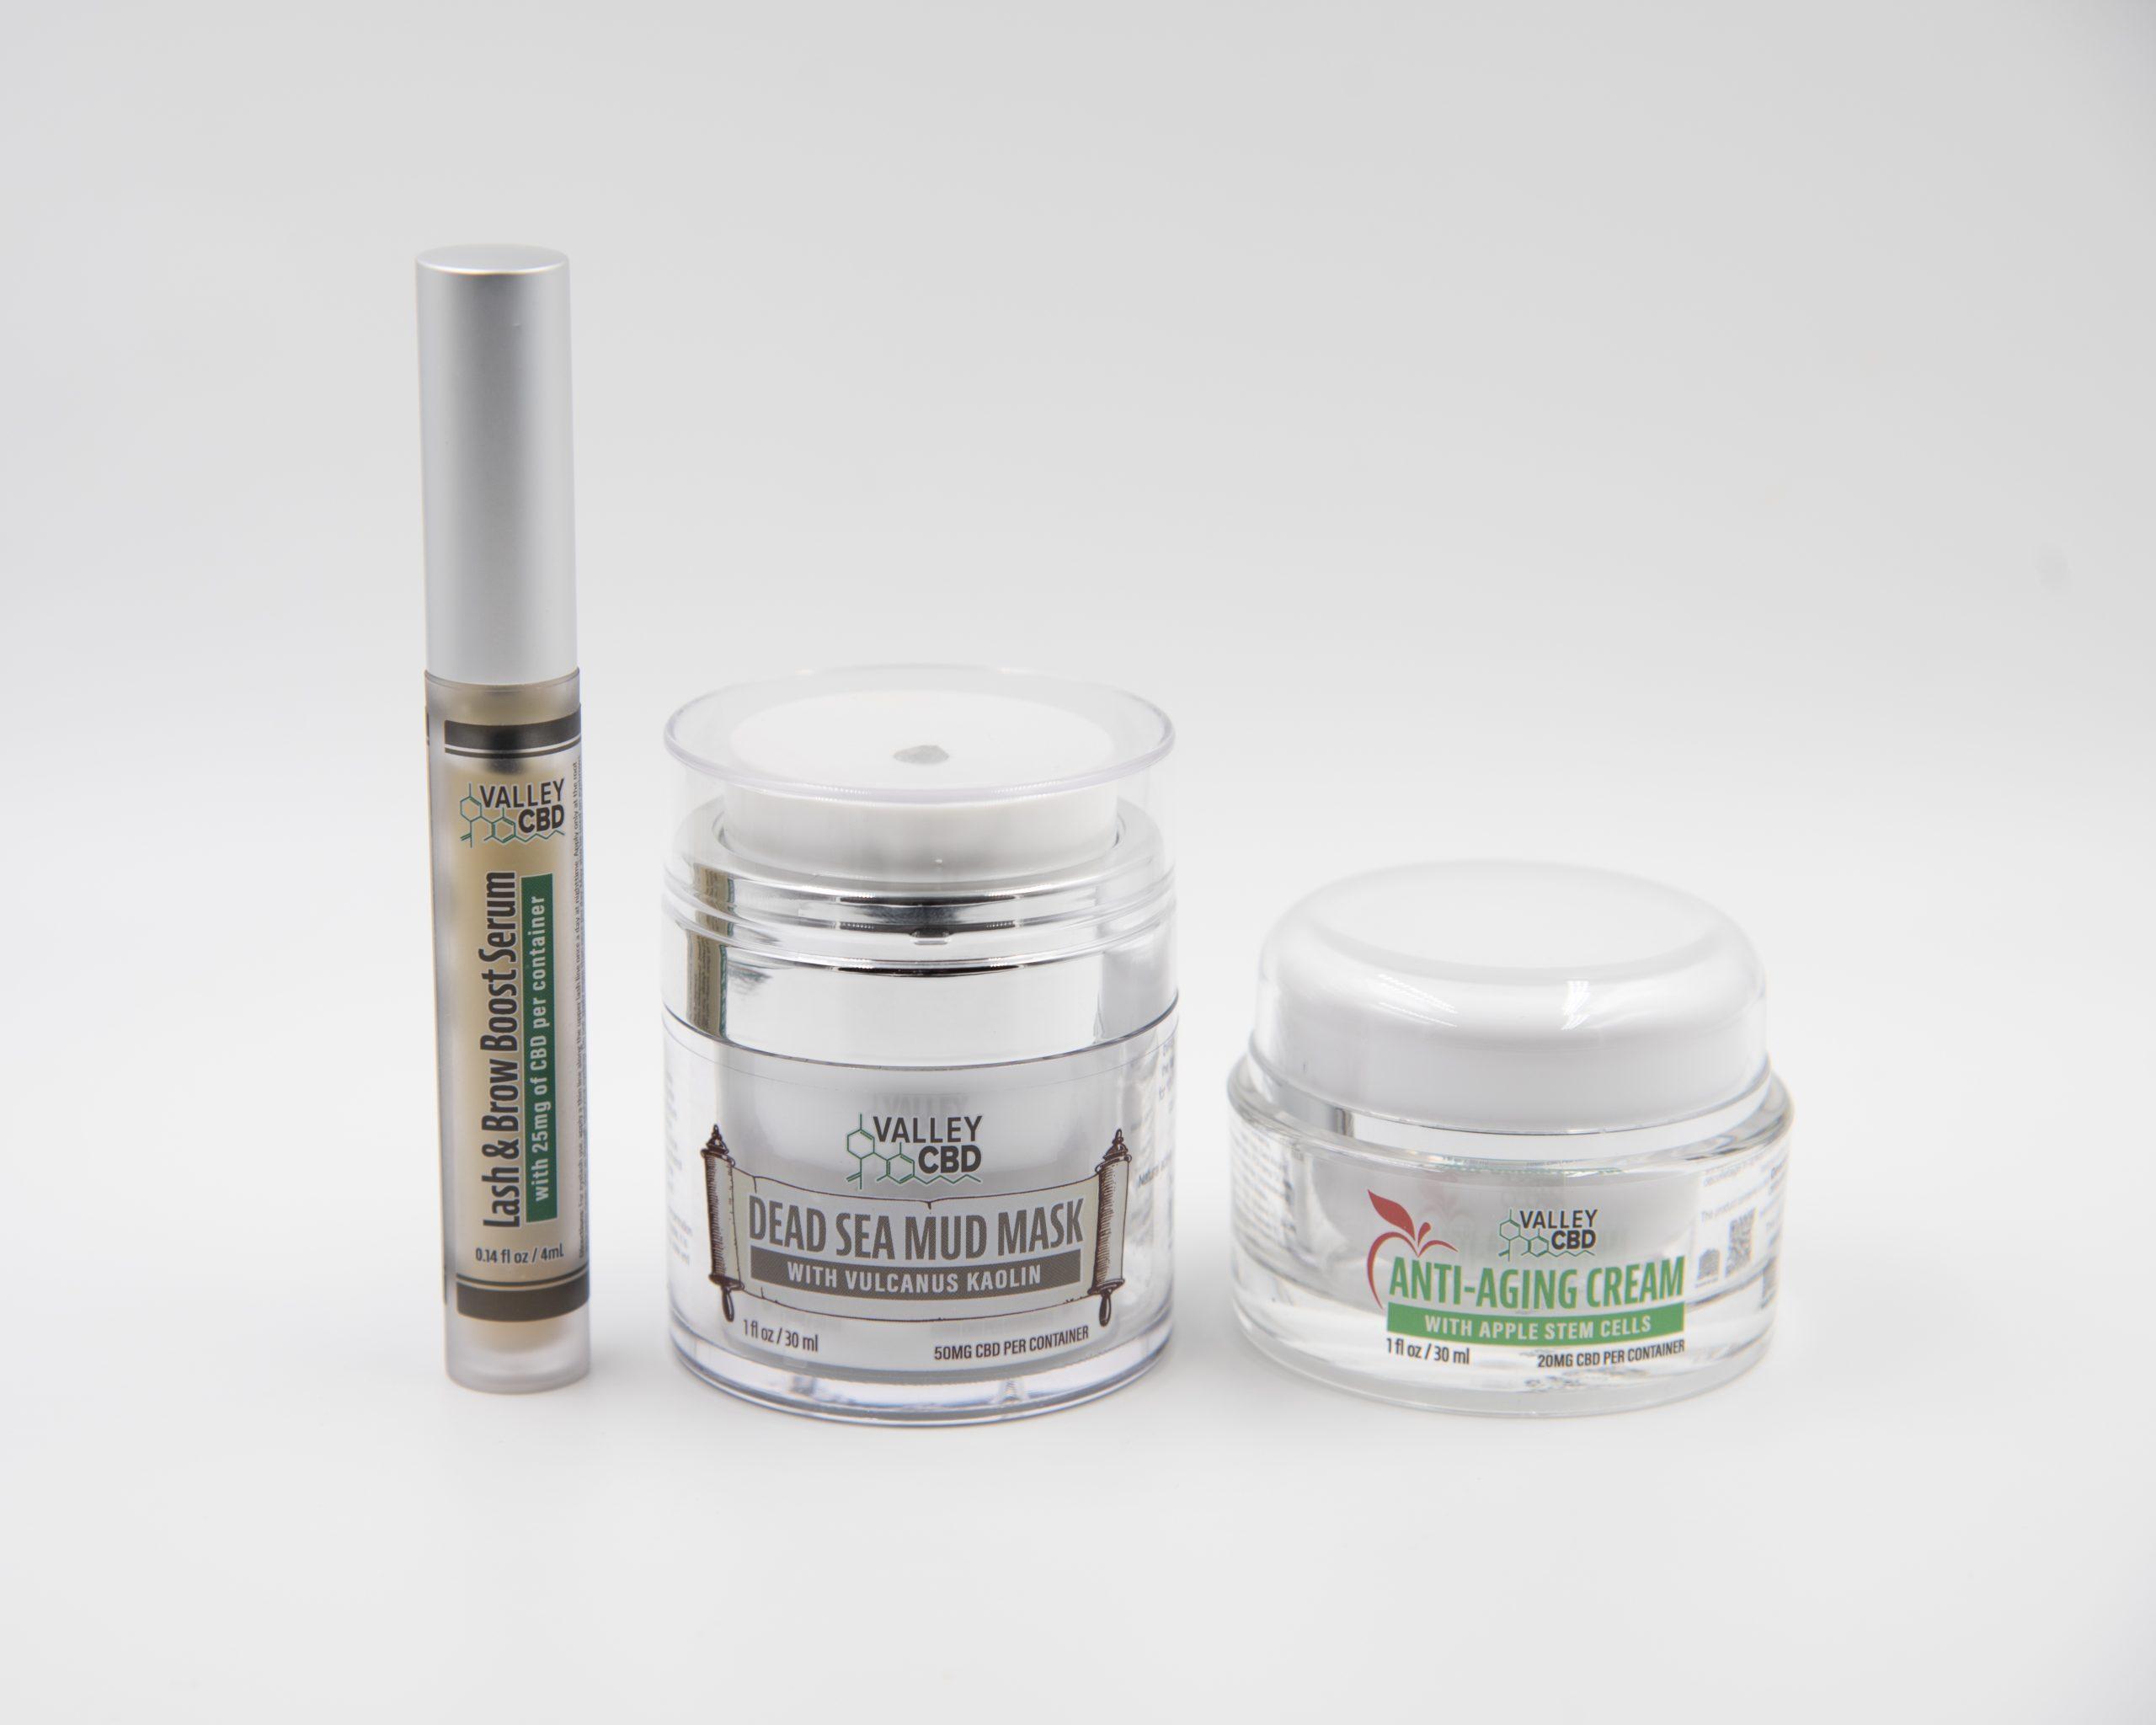 Makeup & Skincare